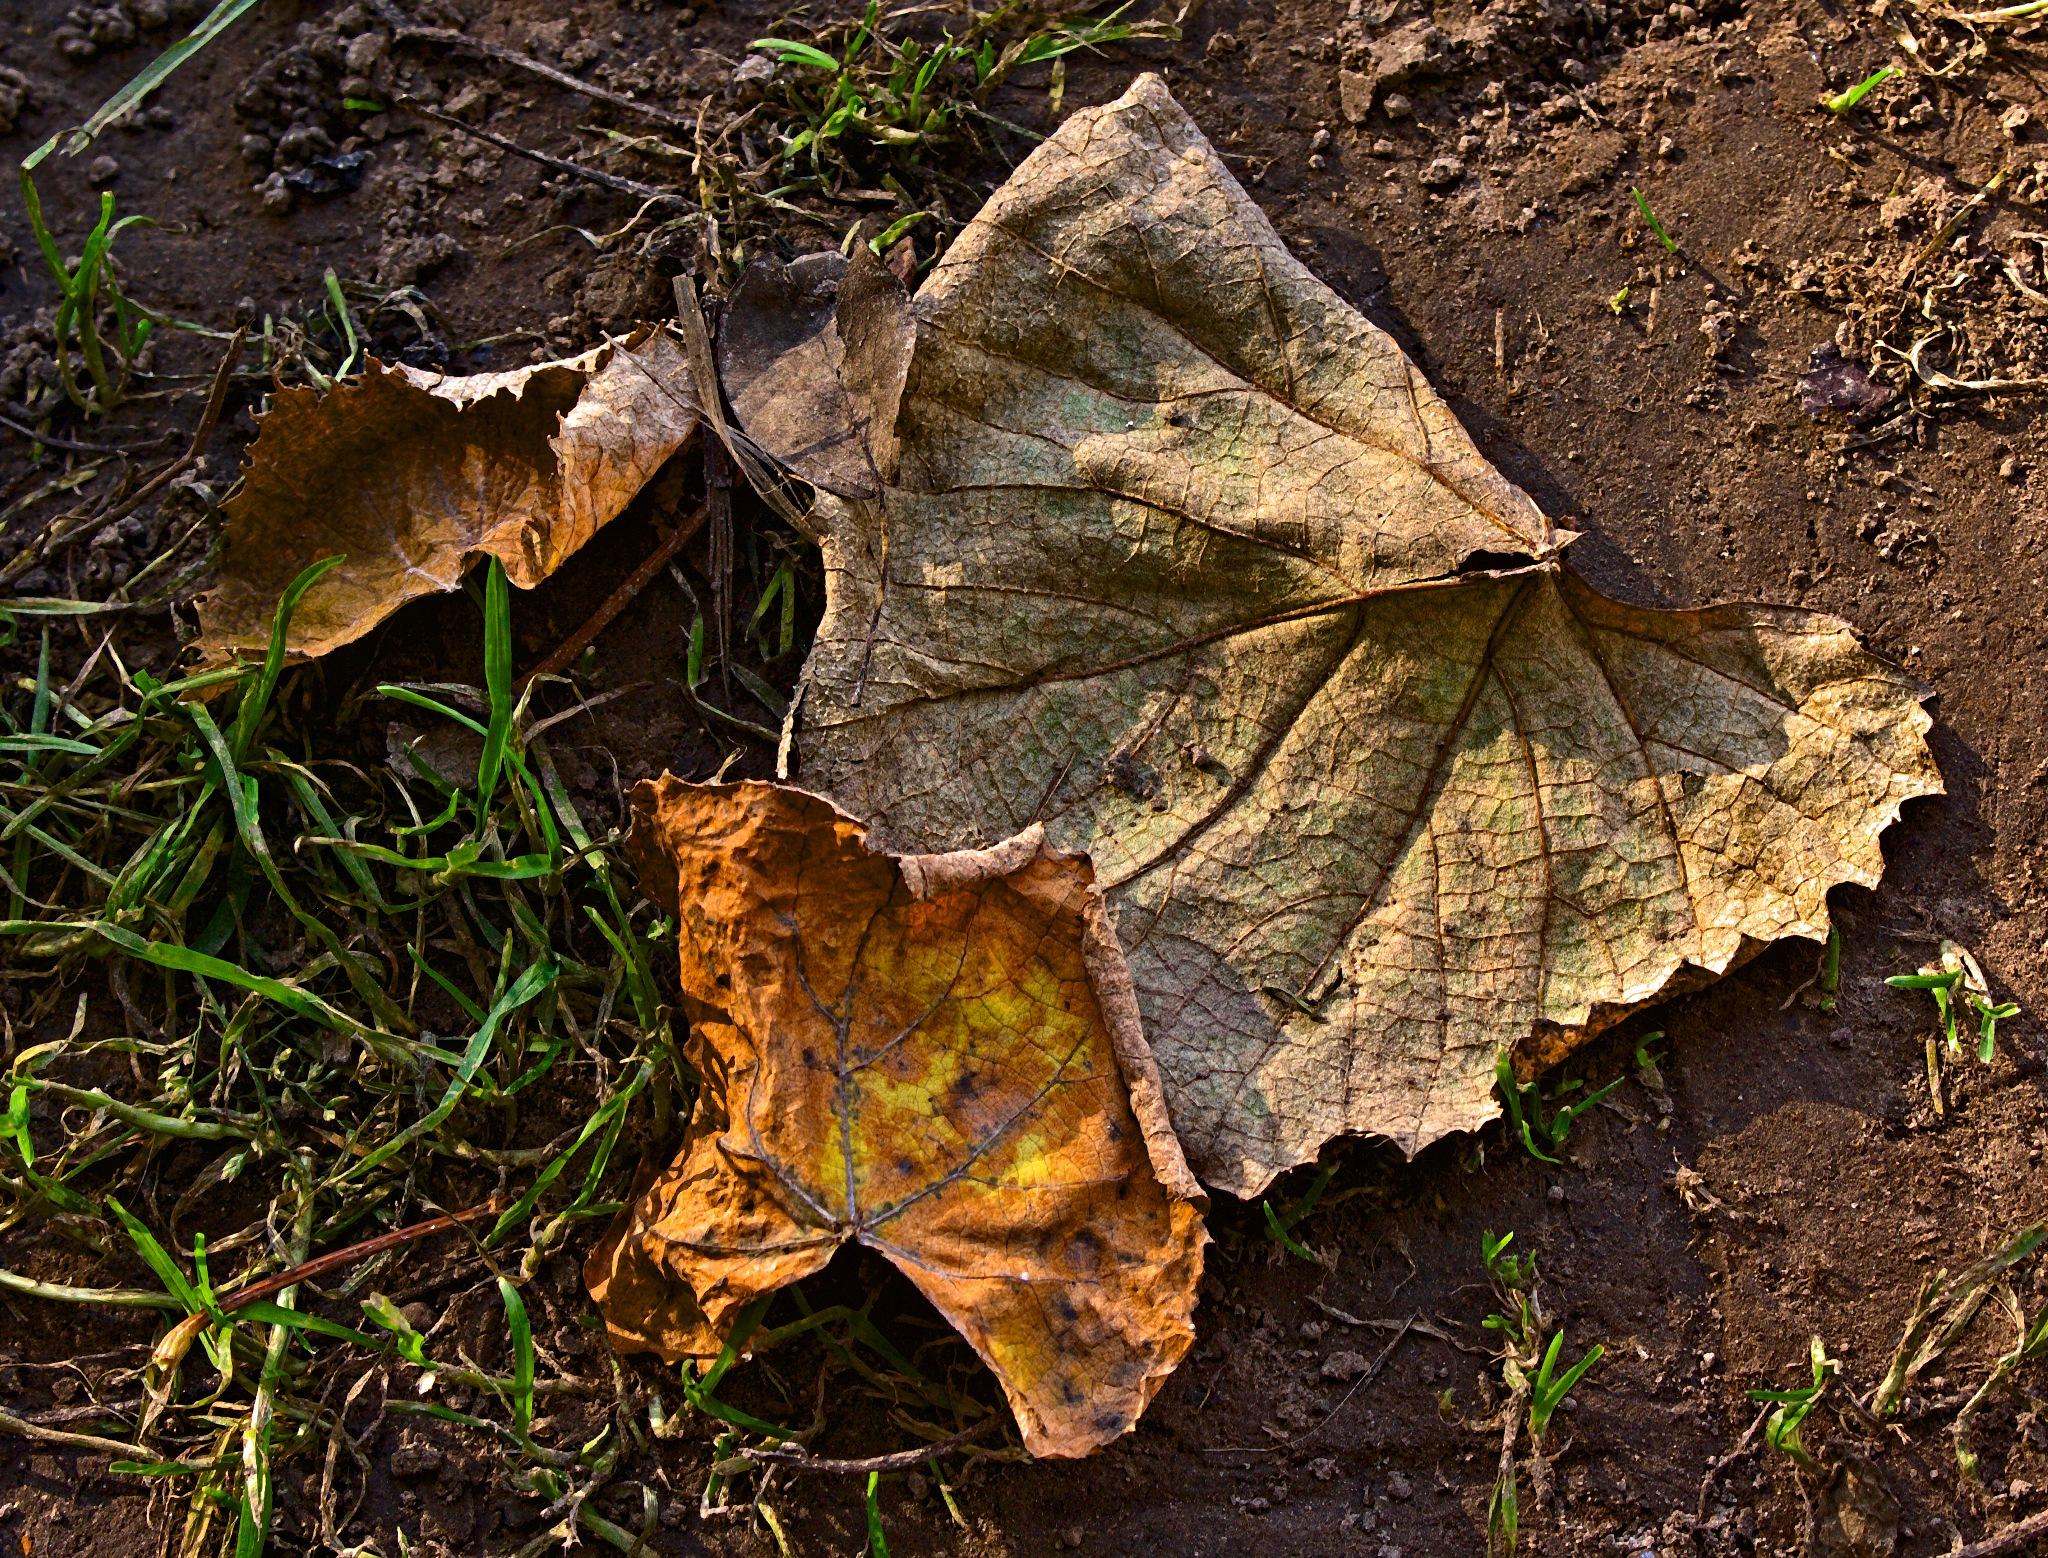 Fallen leaves by Евгений Козлов